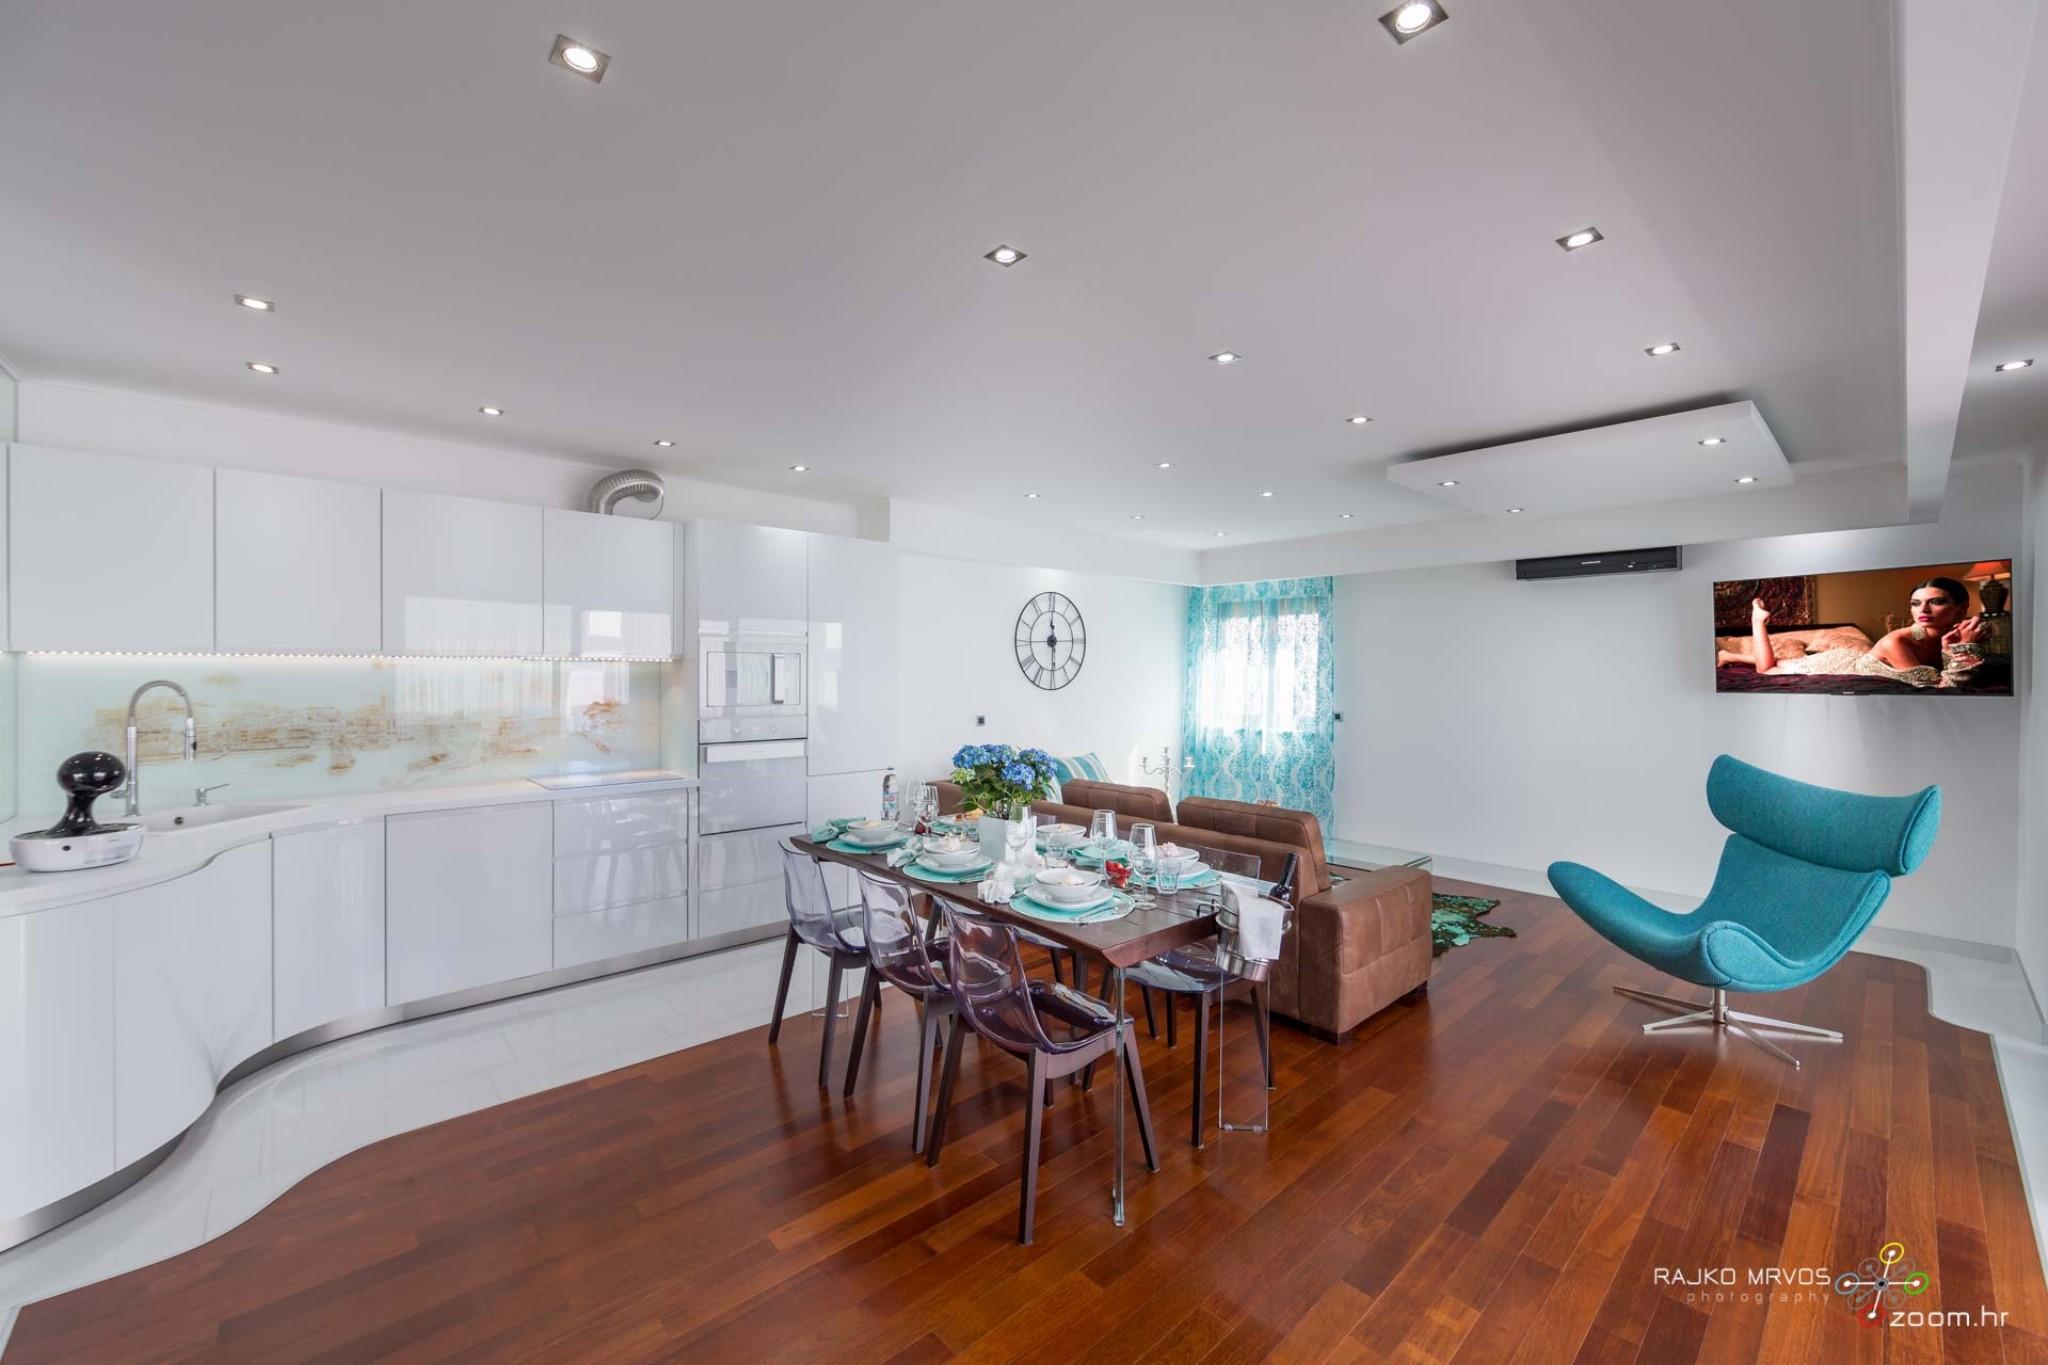 fotografiranje-interijera-fotograf-eksterijera-slikanje-vila-kuca-apartmana-Larimar-Penthouse-7